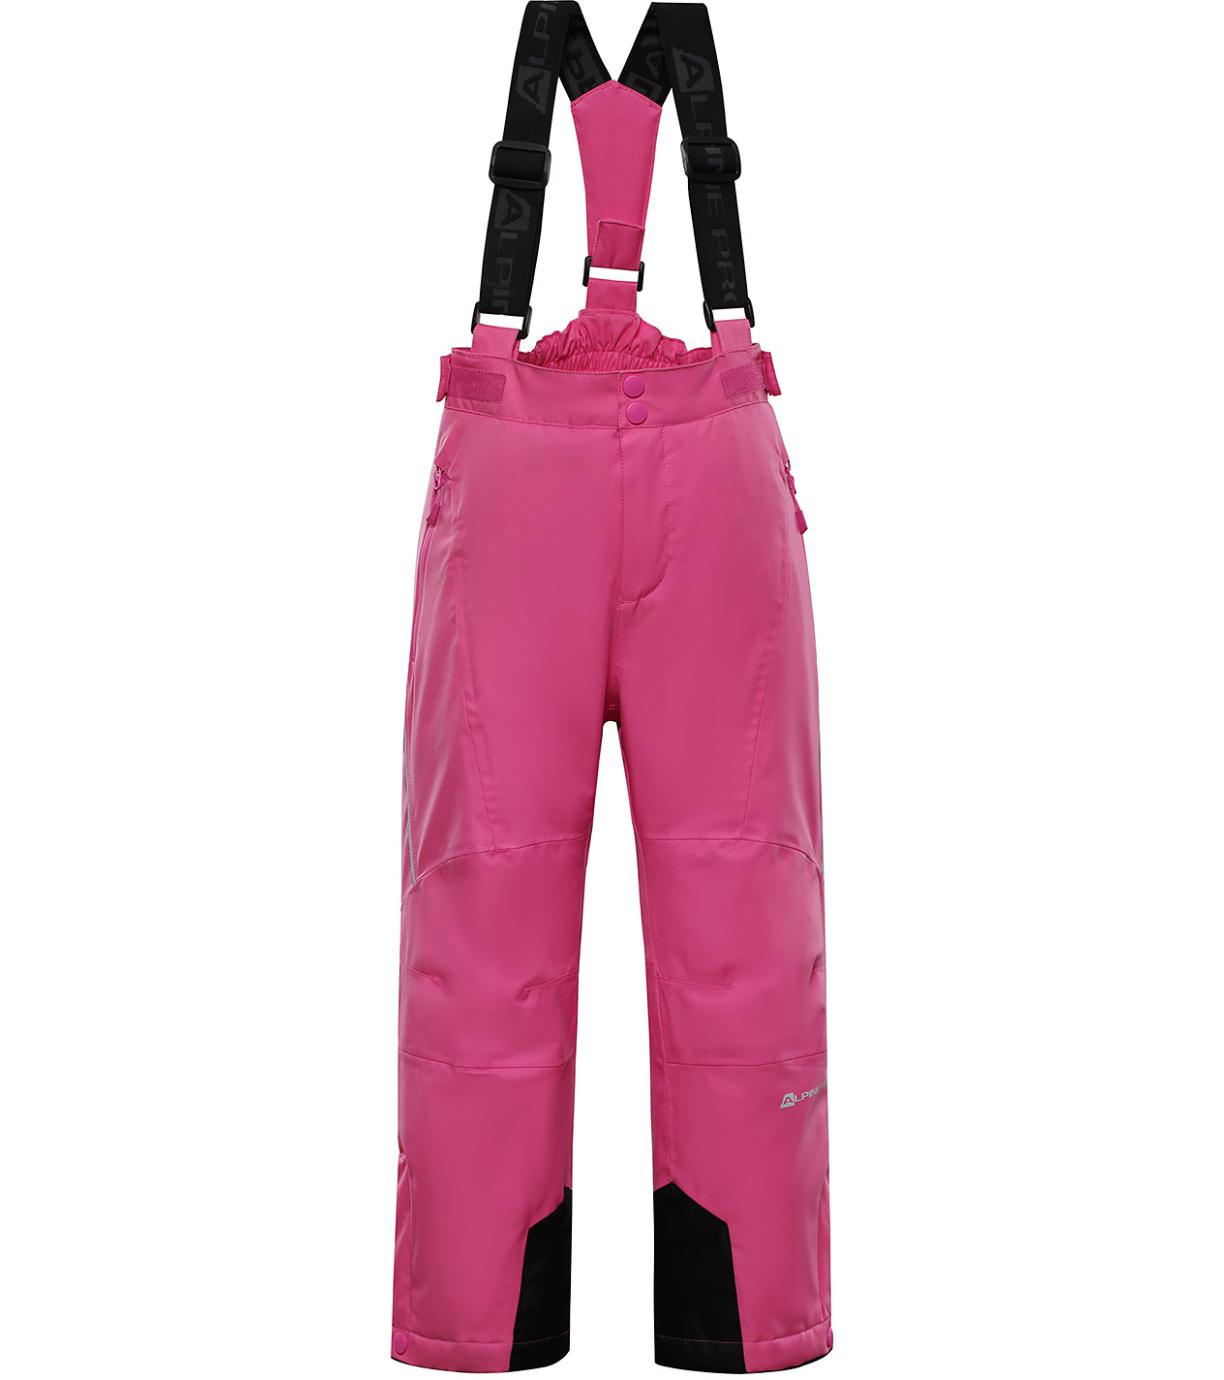 ALPINE PRO ANIKO 3 Dětské lyžařské kalhoty KPAP168407 carmine rose 128-134